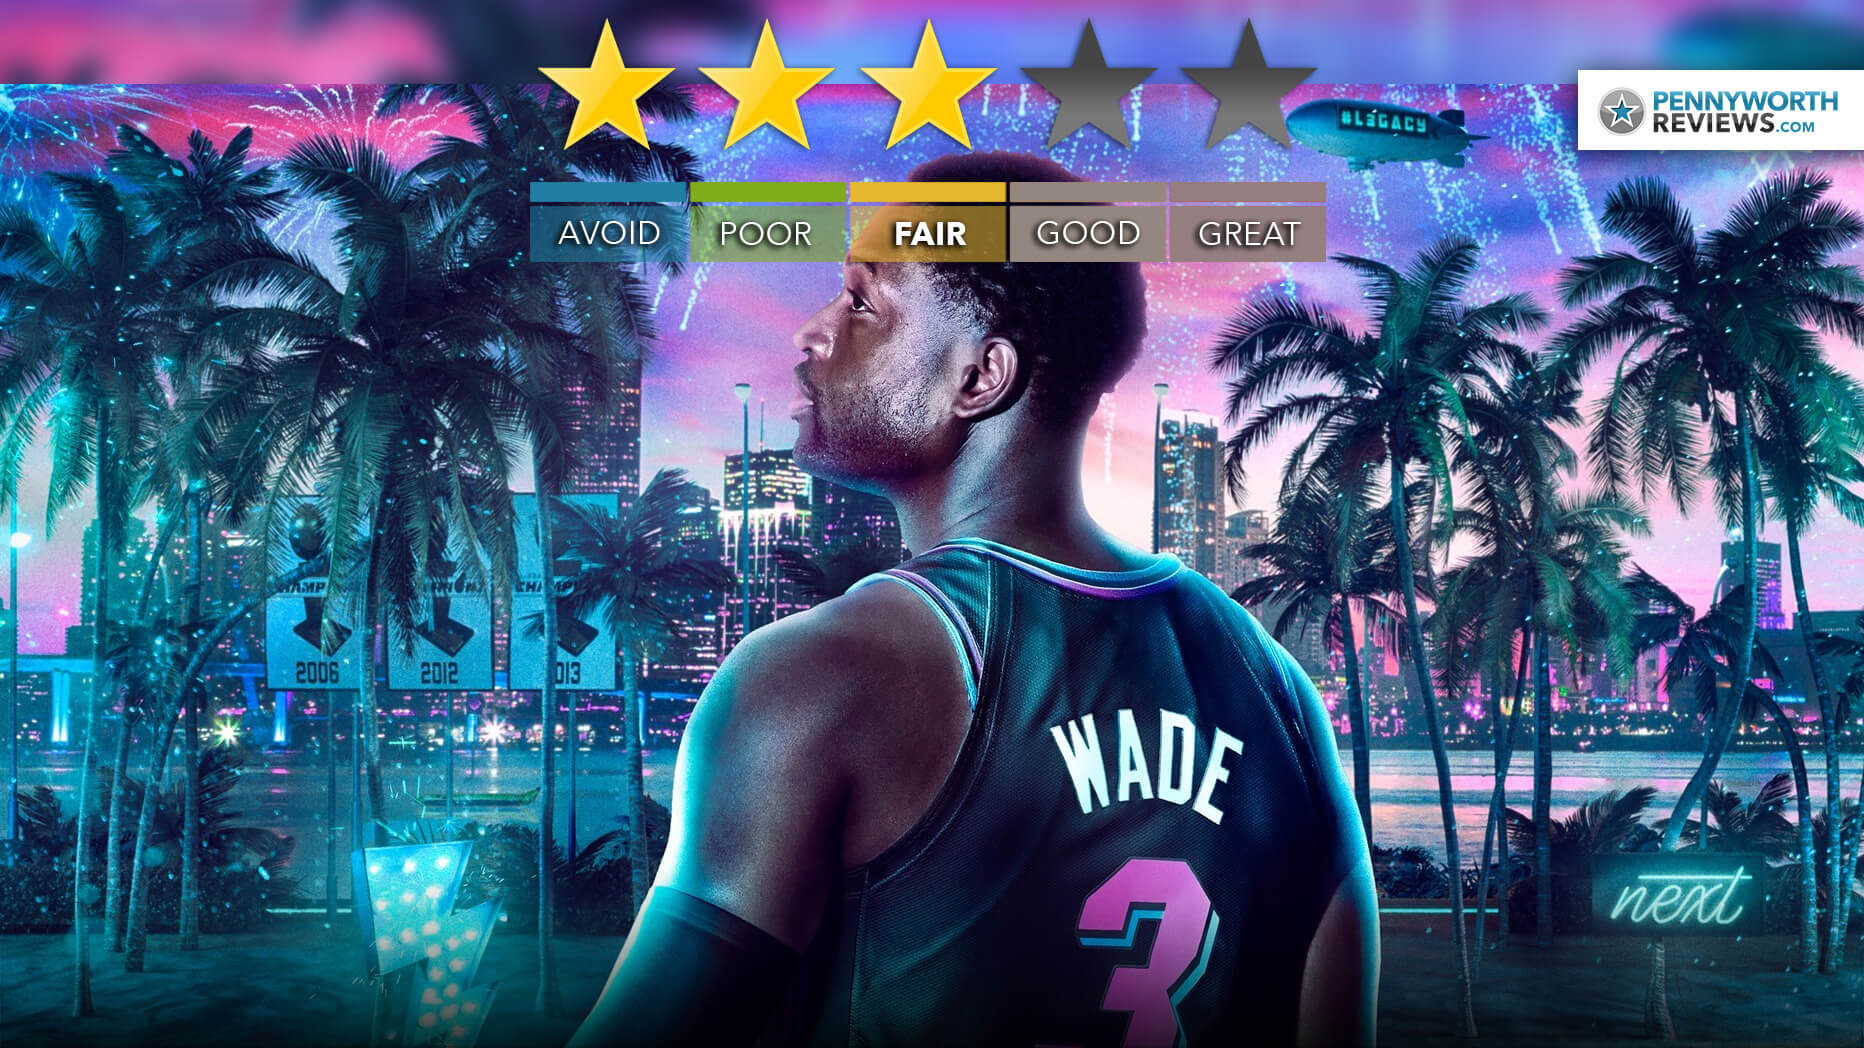 NBA2K20 Review